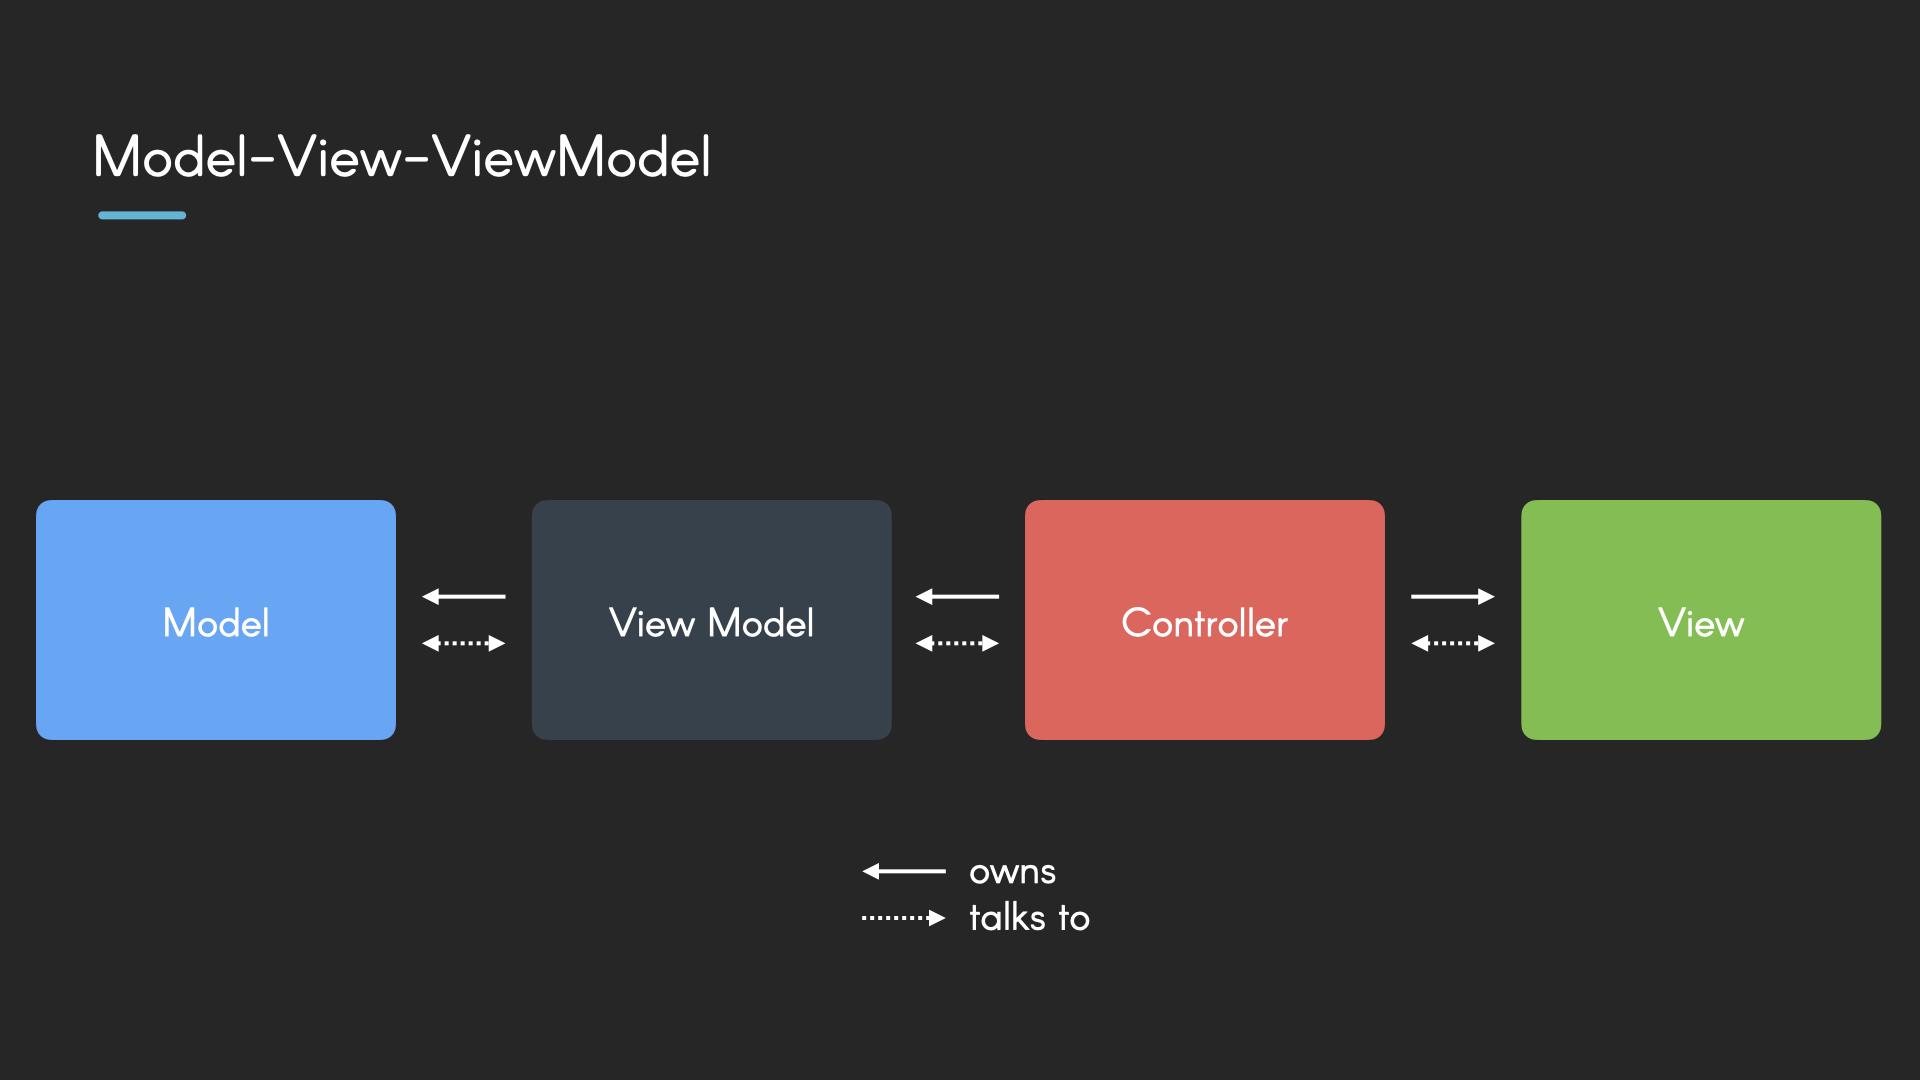 Model-View-ViewModel in a Nutshell